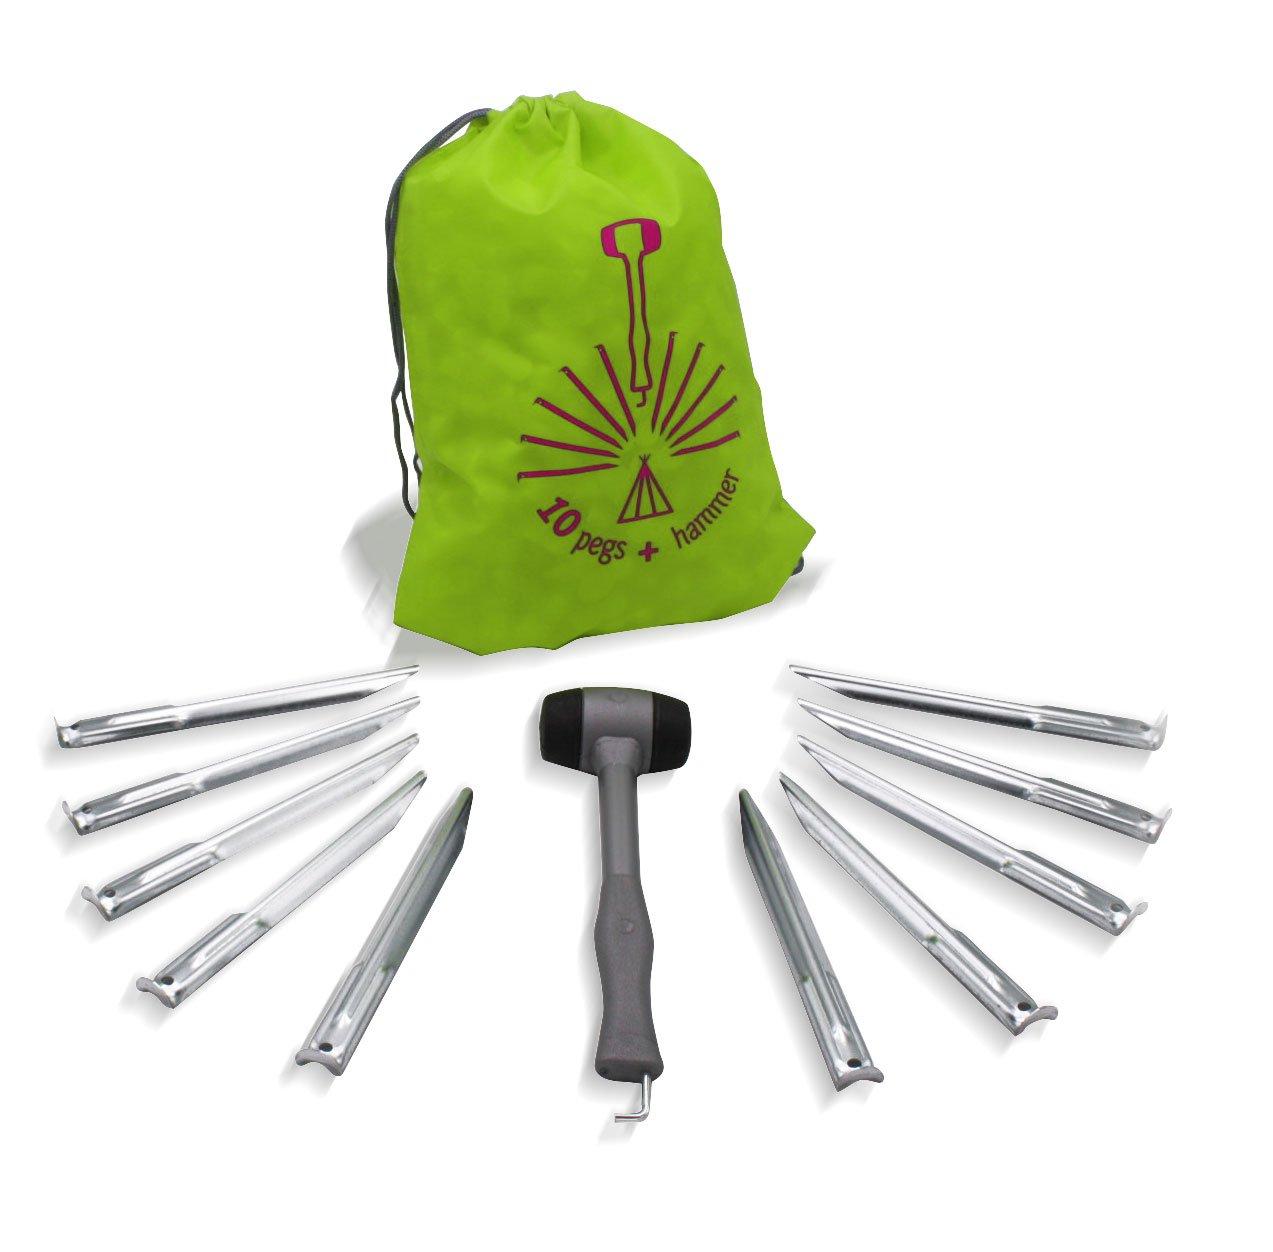 Kit martillo para sacar piquetes de càmping + 10 piquetes 24 cm in acero + bolsa Moscatelli